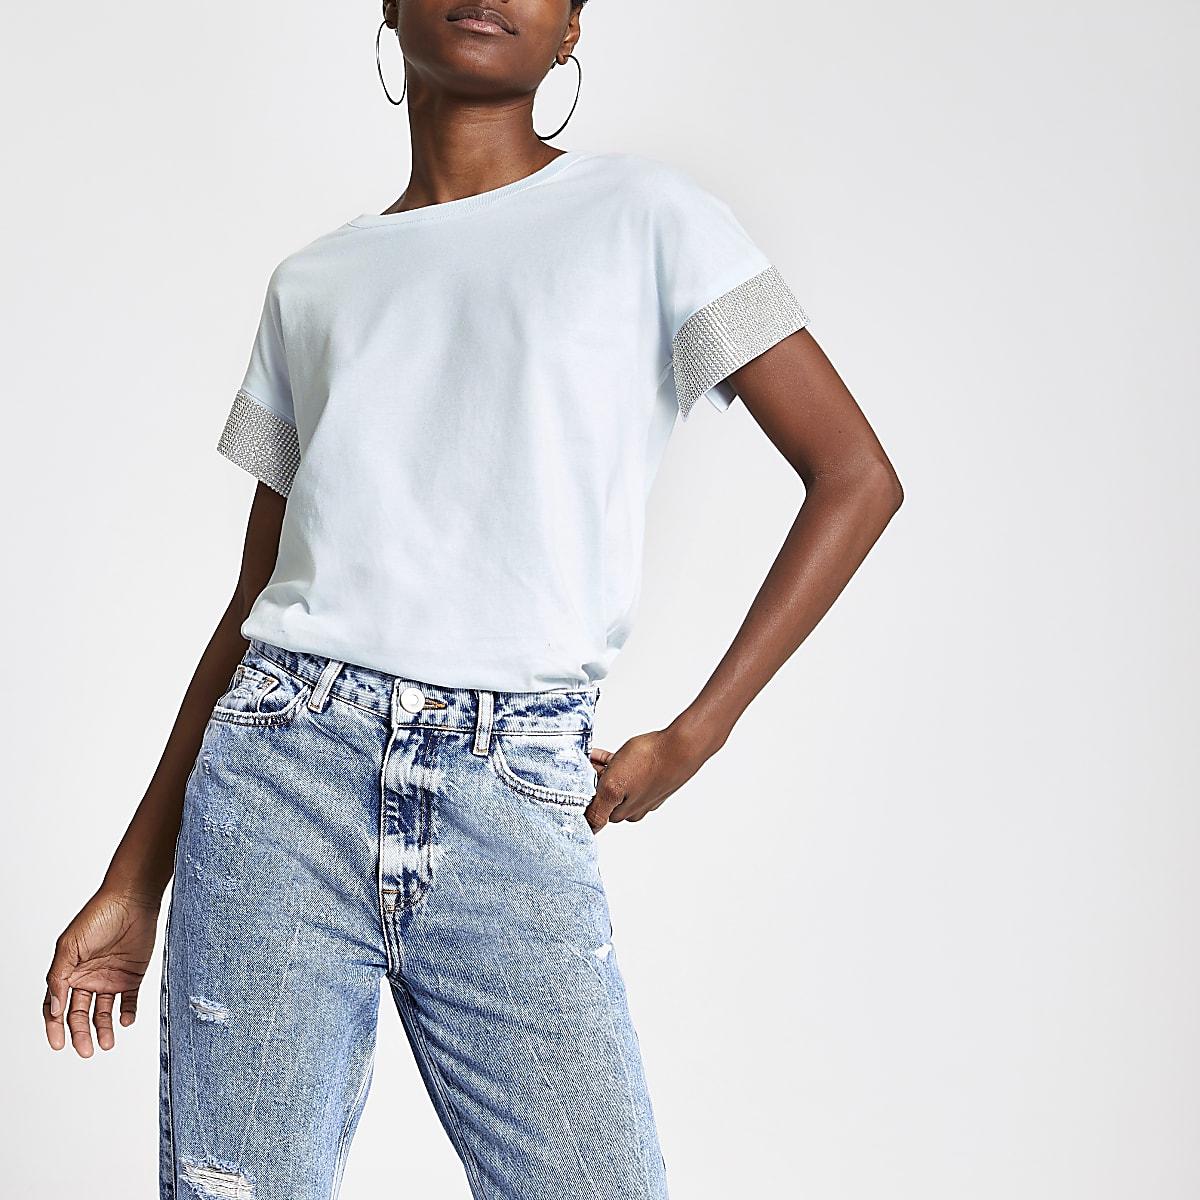 Blauw T-shirt met korte mouwen met sierrand